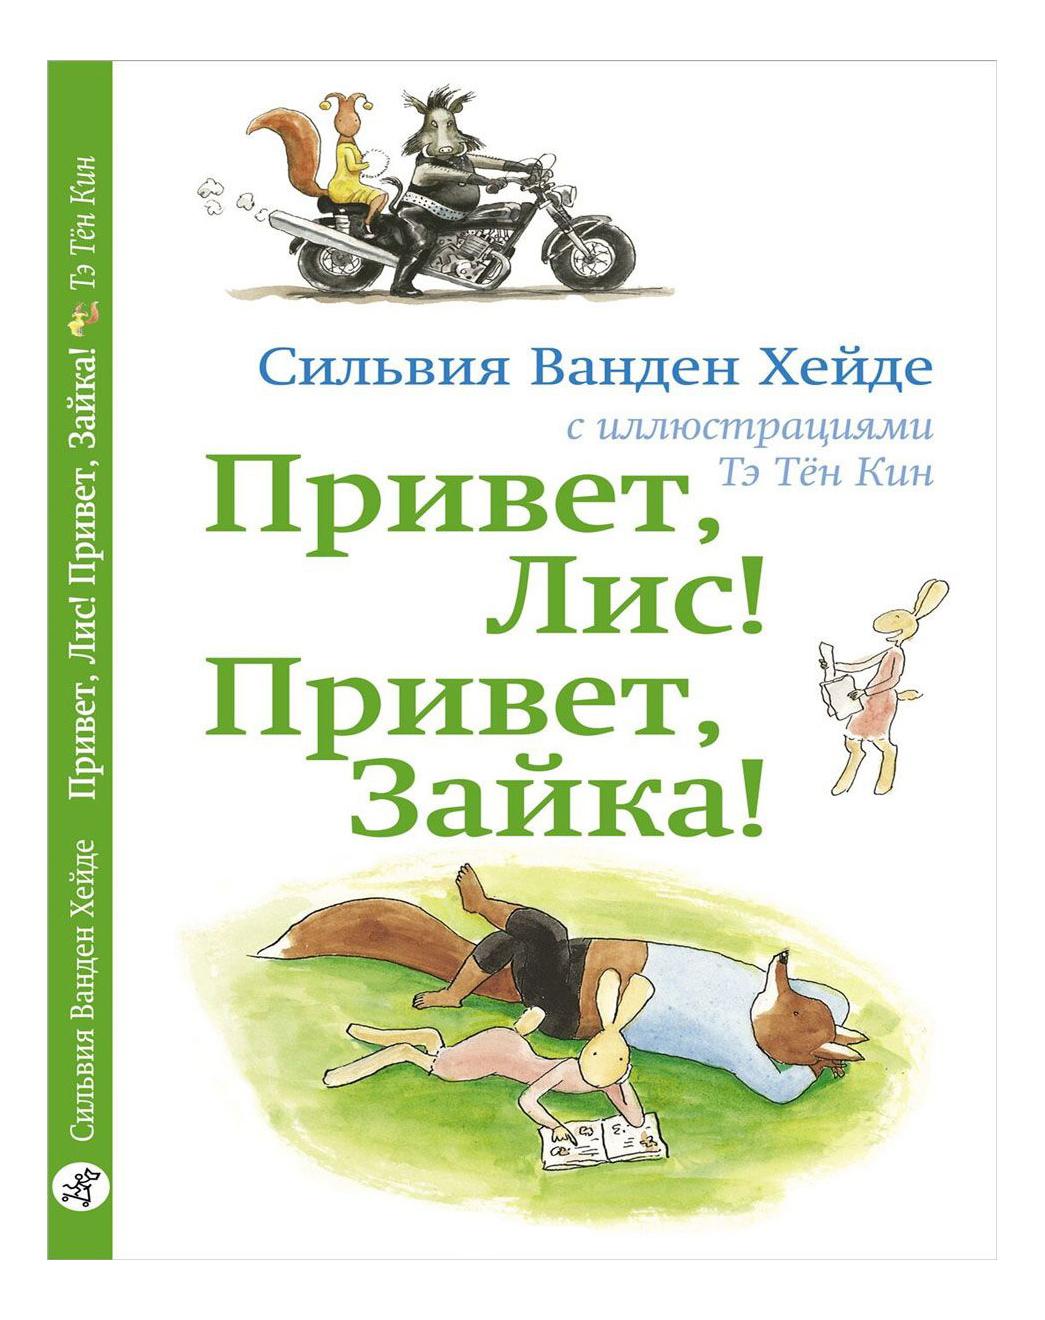 Купить Привет Лис! Привет Зайка!, Привет лис! привет Зайка!, Самокат, Детская художественная литература